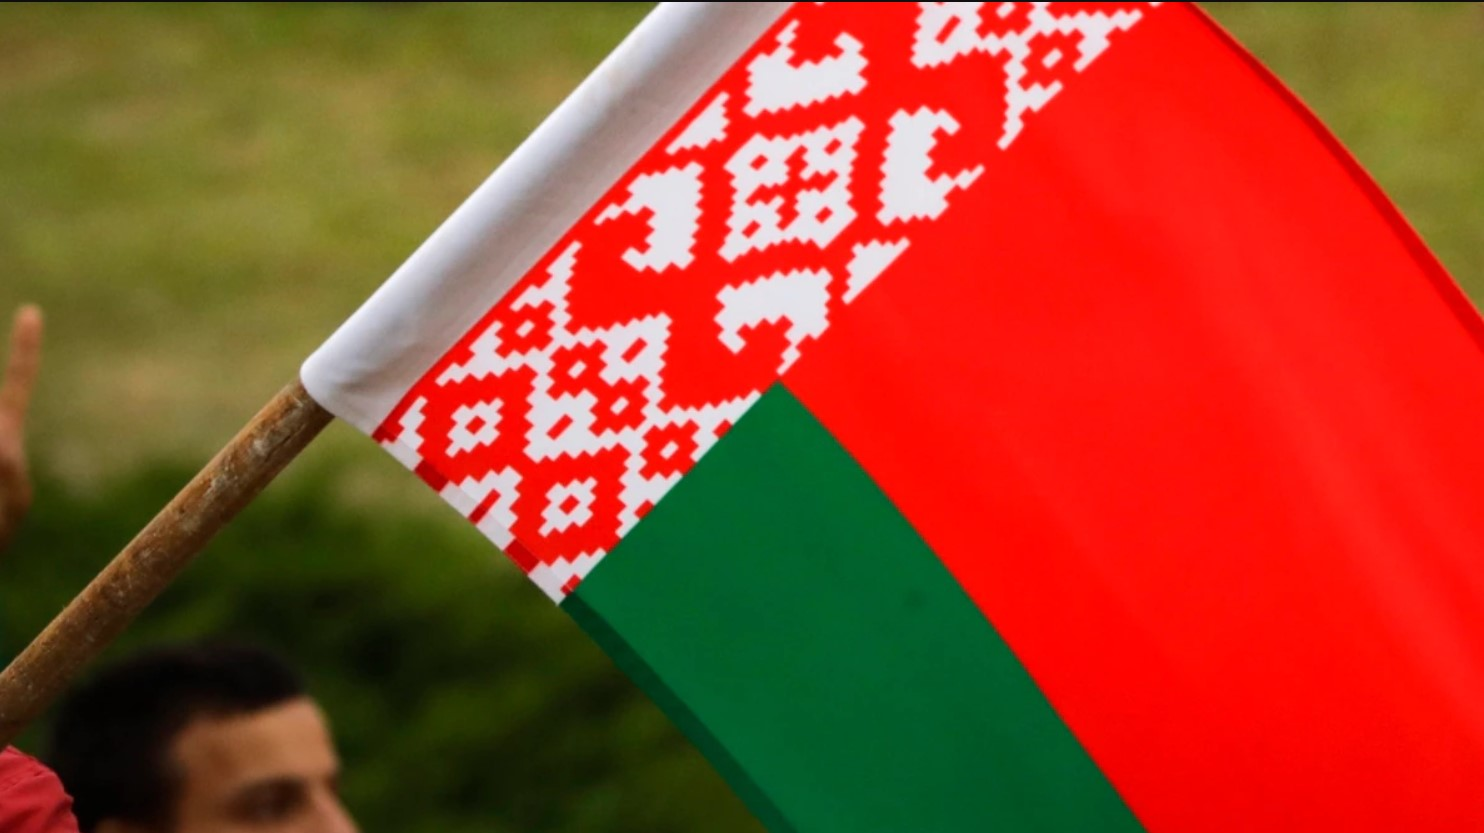 Политолог назвал имя того, кто может стать президентом Беларуси после Лукашенко